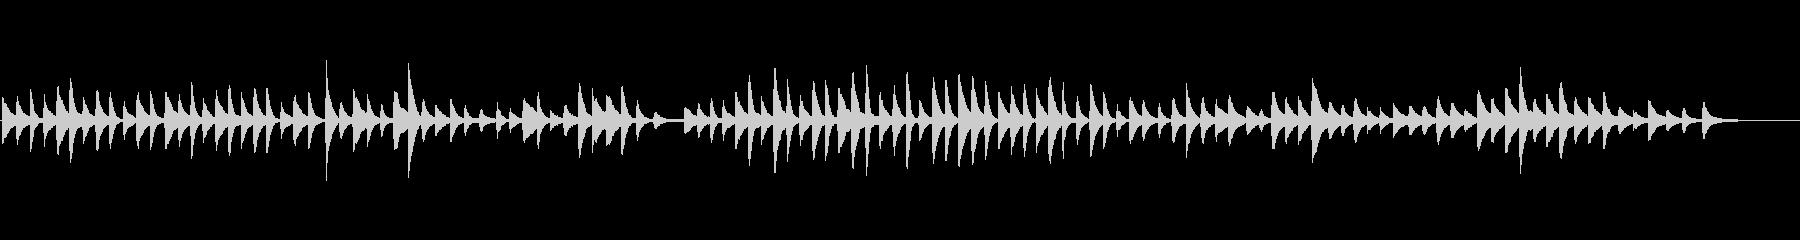 クラシックピアノ「病気のお人形」の未再生の波形